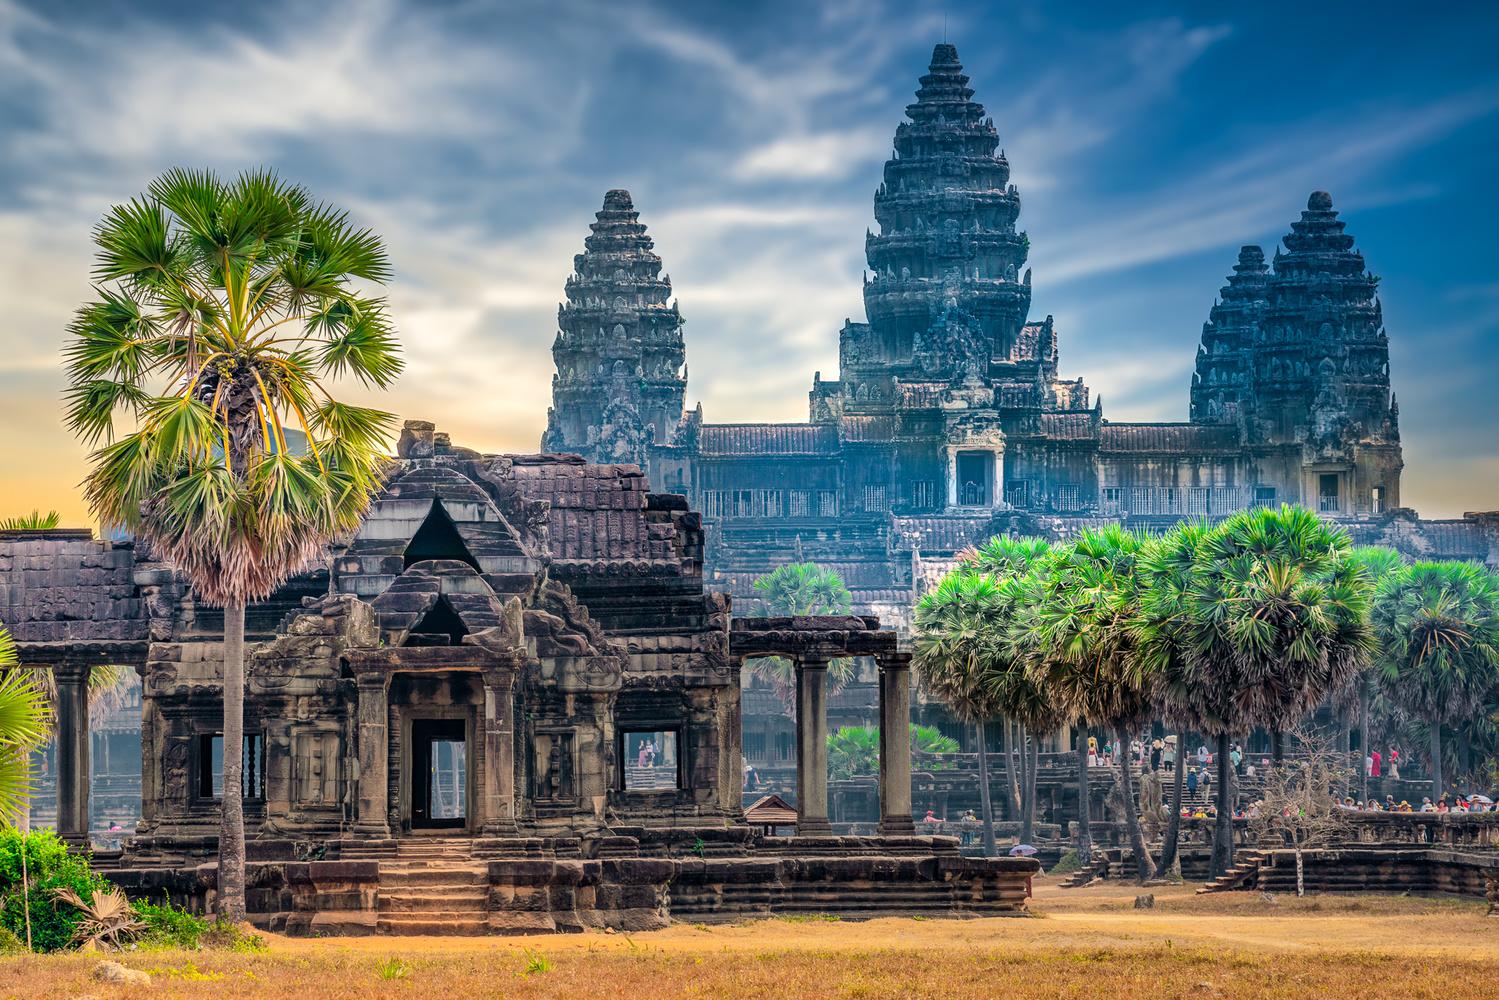 Morning light at Angkor Wat by Gabe Taviano